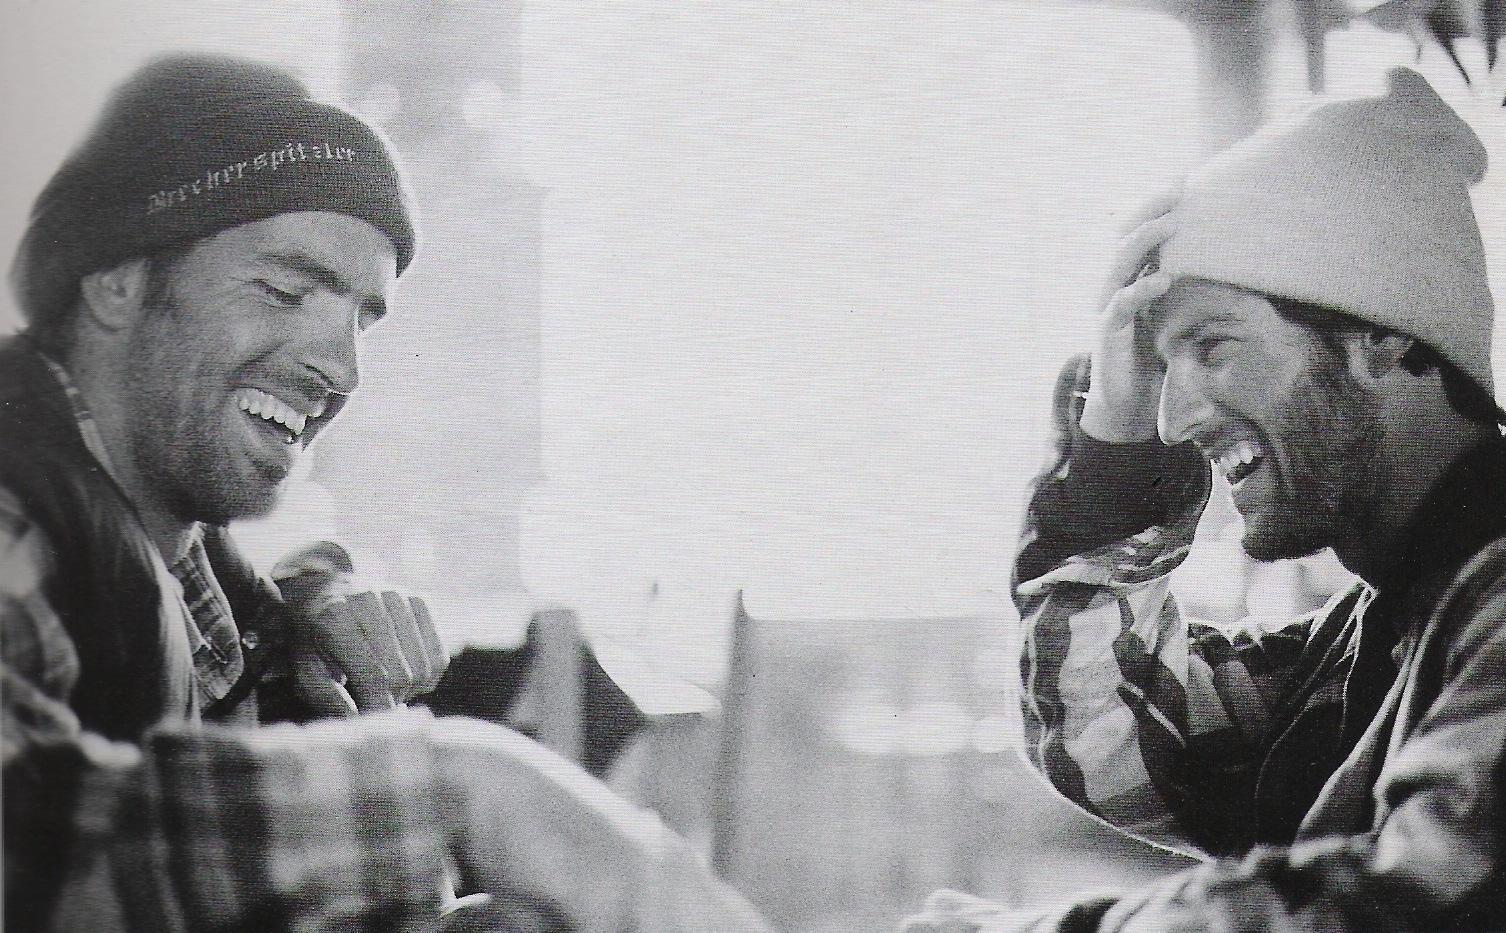 Peter Bauer e Maxi Cataldi Provavelmente o mais respeitado e conhecido snowboarder argentino, verdadeiro ícone deste esporte que iniciou pioneiristicamente nas neves da sua nativa San Martin de Los Andes (ARG) muitos anos atrás. Durante...